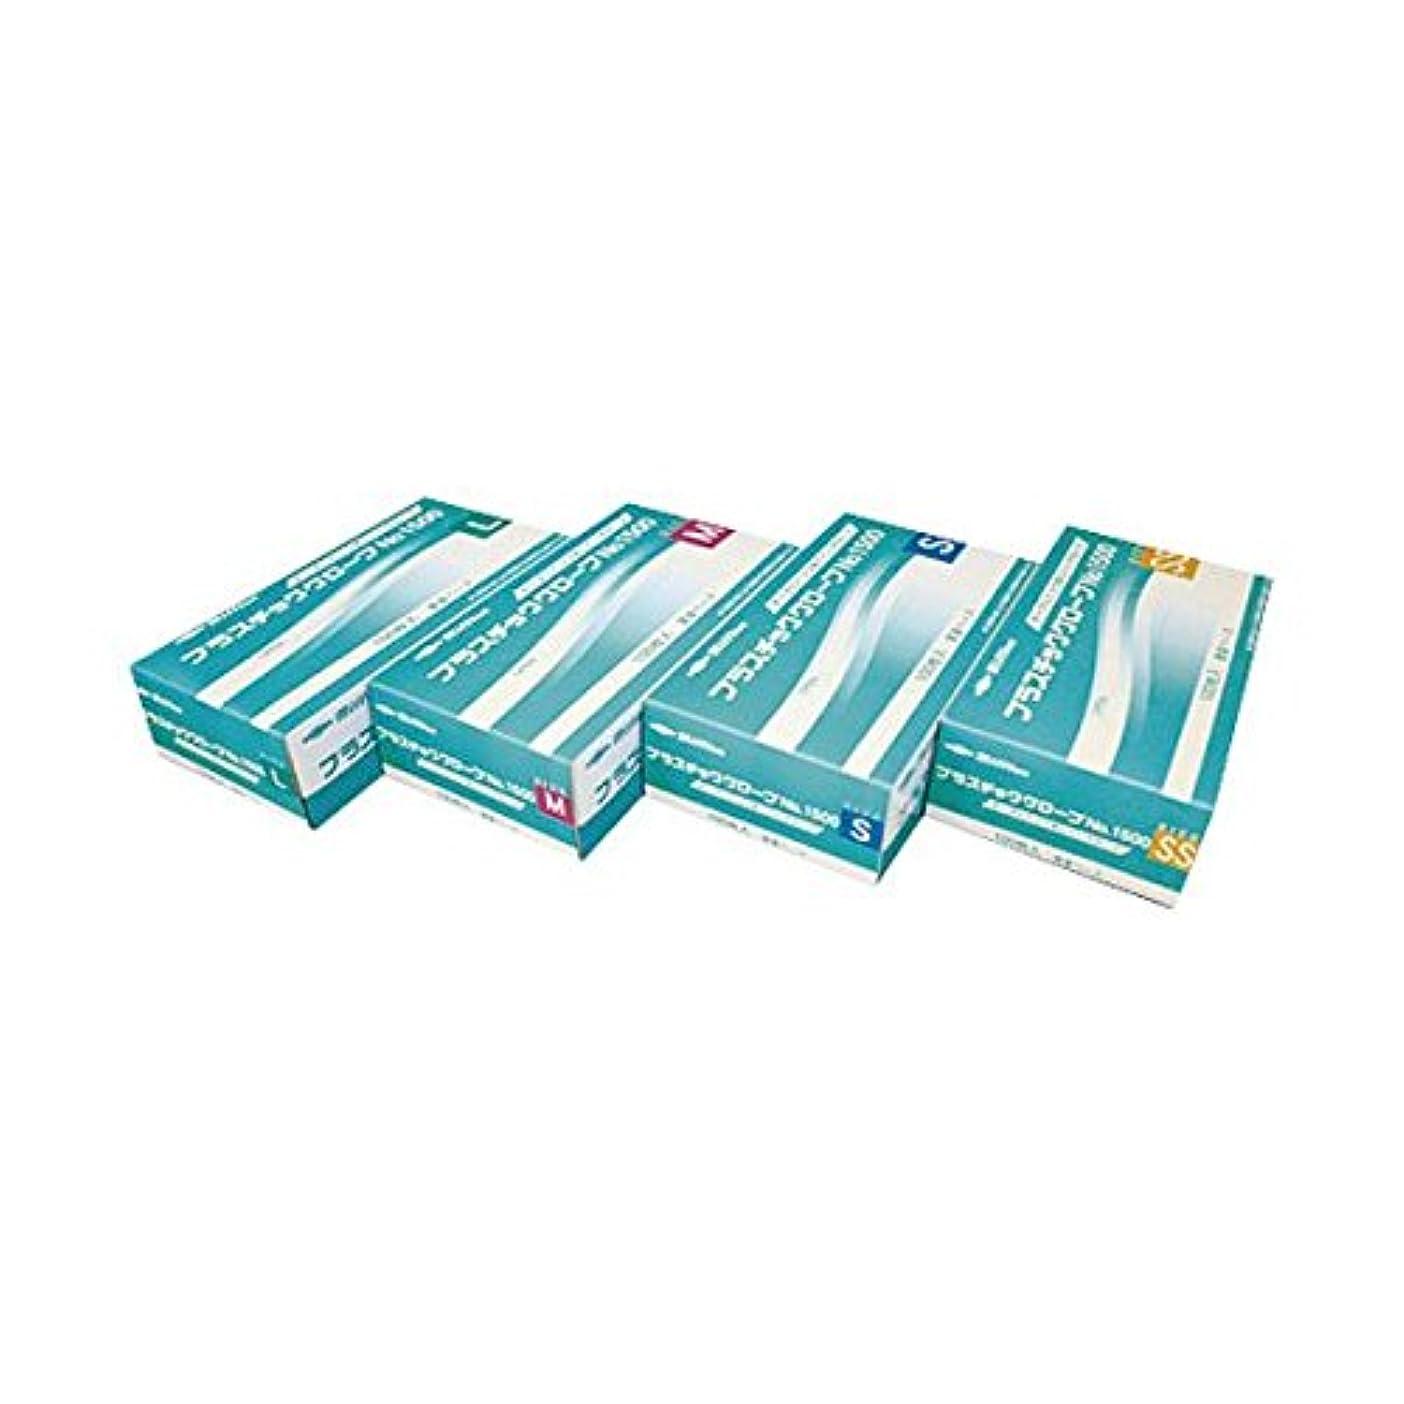 共和 プラスチックグローブNo1500 M ds-1915783